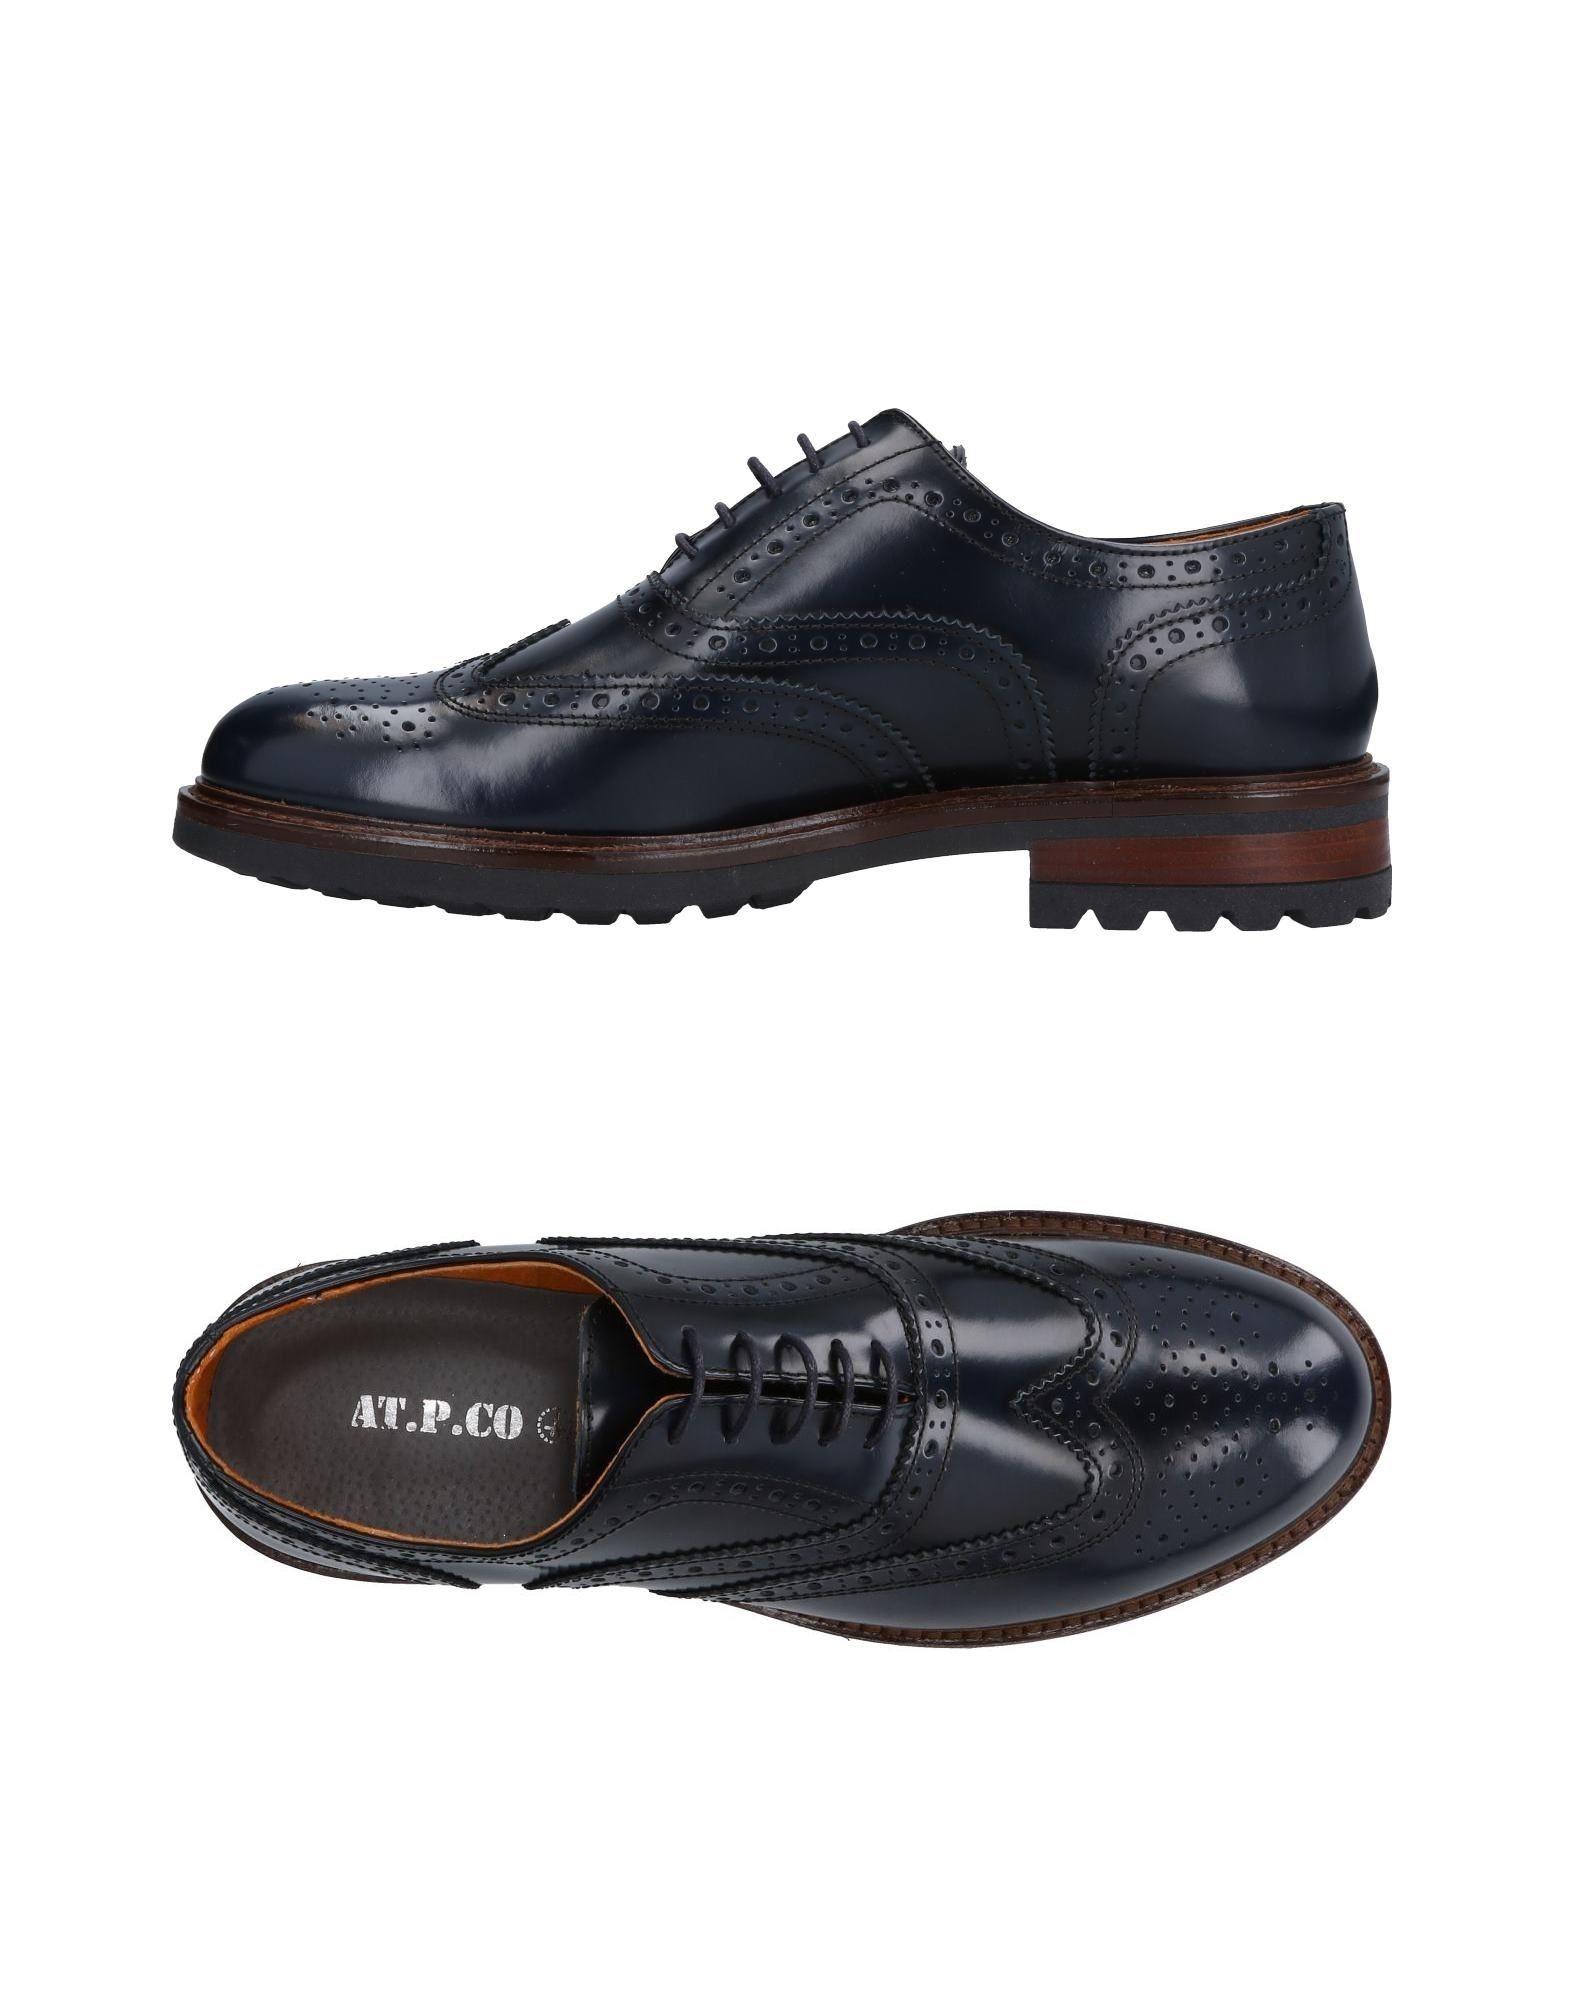 Rabatt echte Schuhe At.P.Co Schnürschuhe Herren  11501879IB